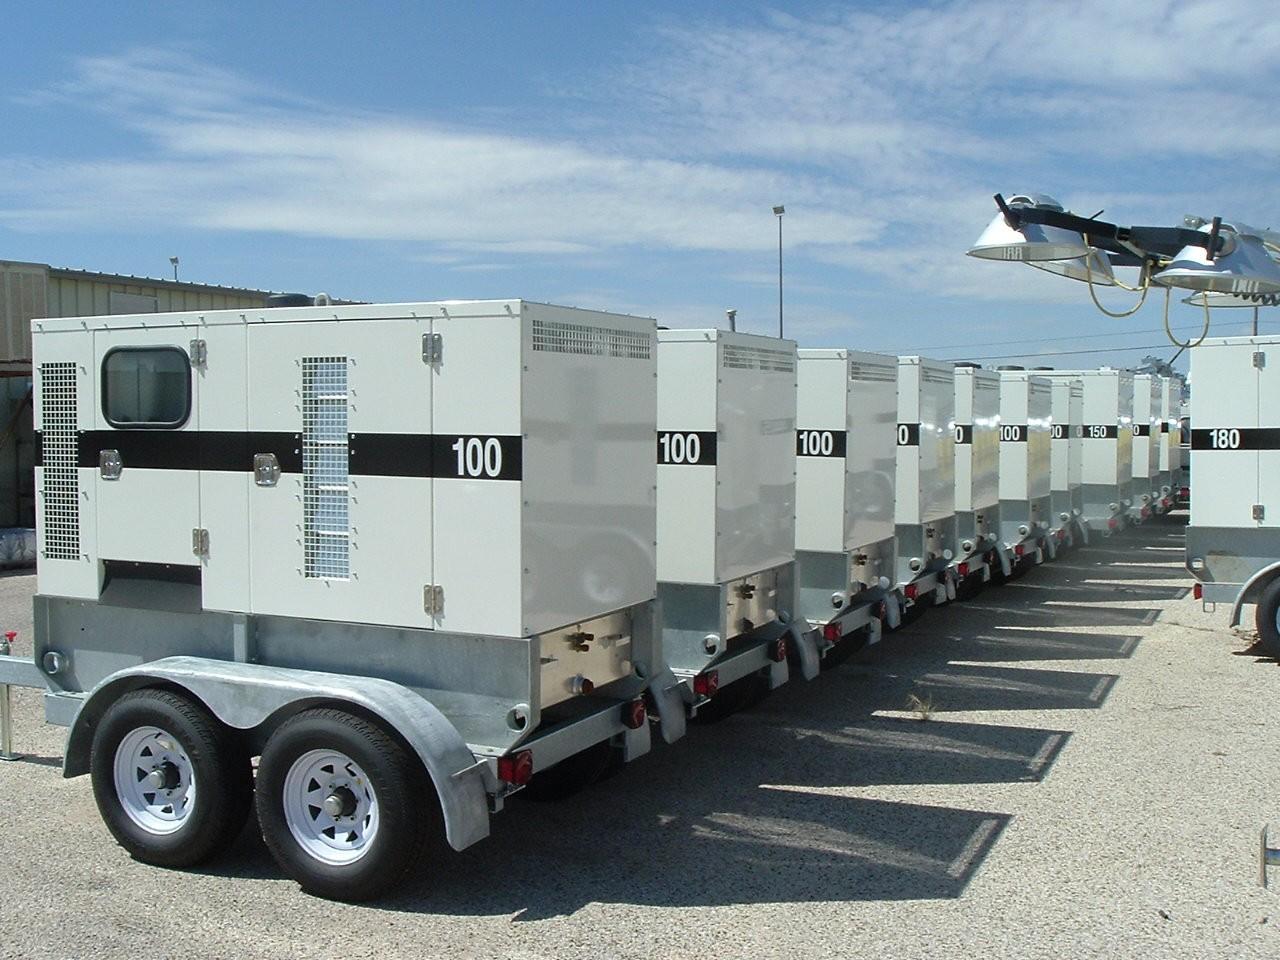 ВКрым перебросят 4 массивные мобильные станции повыробатыванию электричества